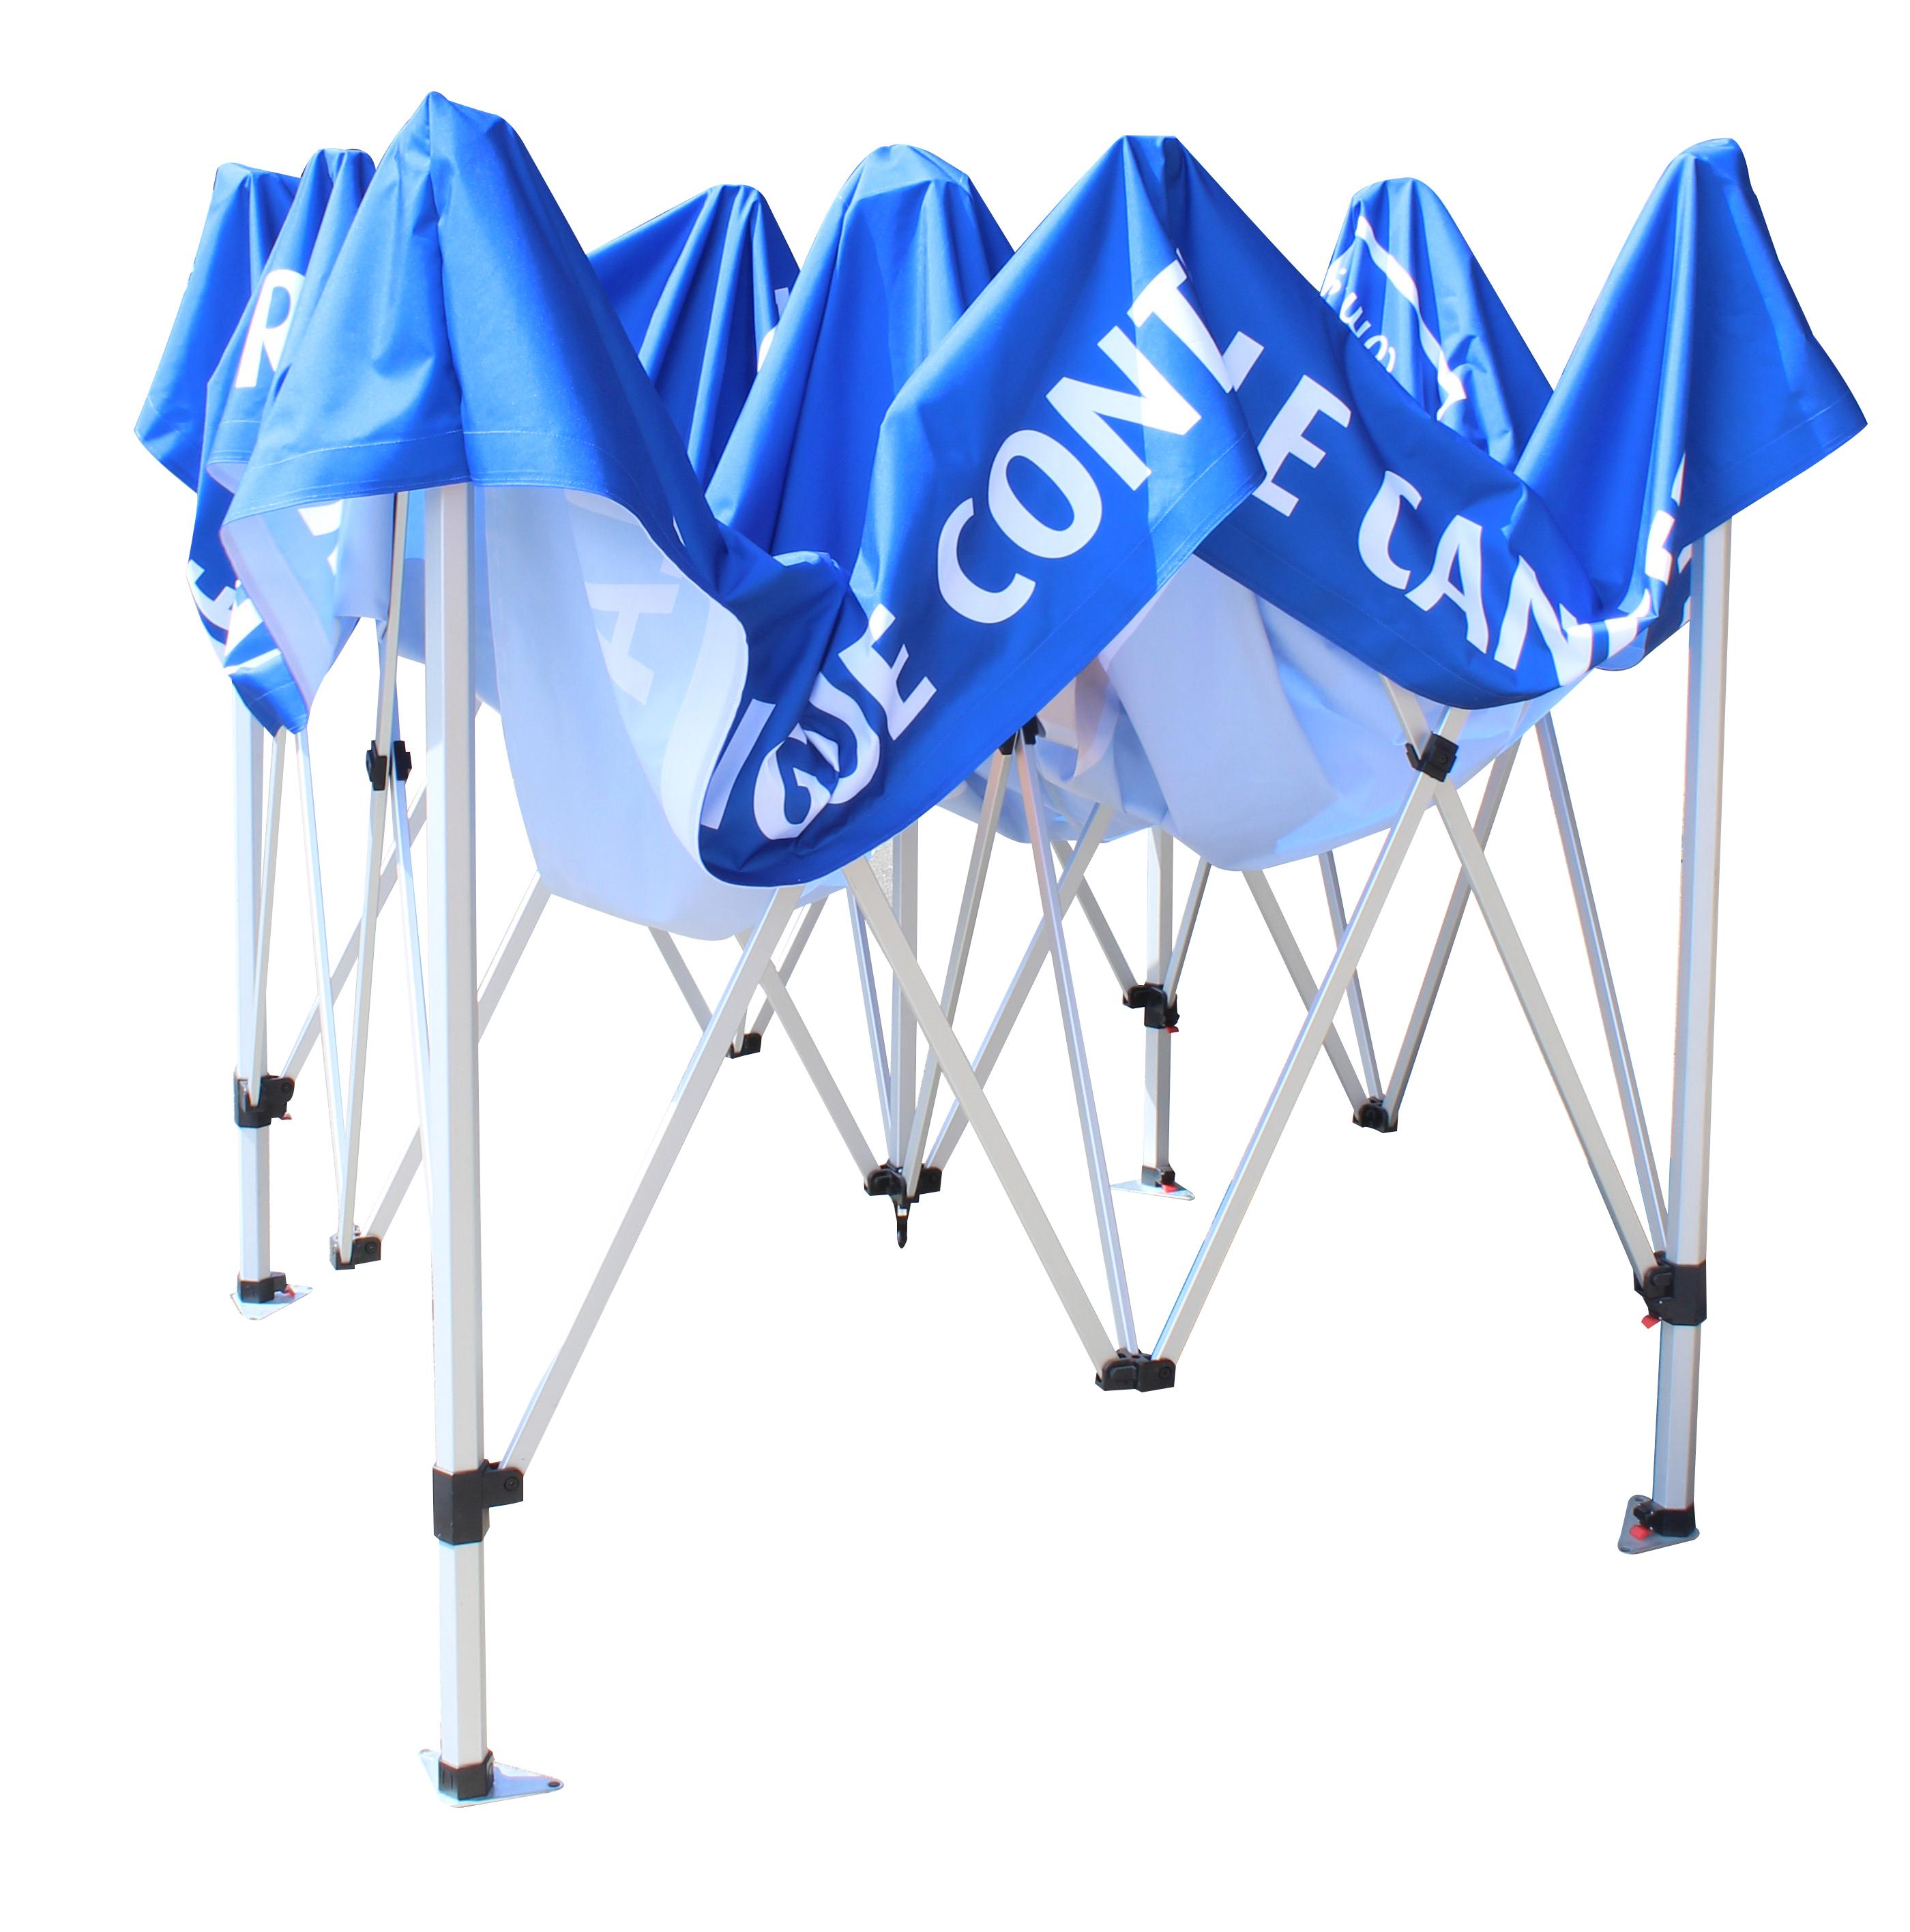 Pourquoi choisir une tente publicitaire personnalisée?